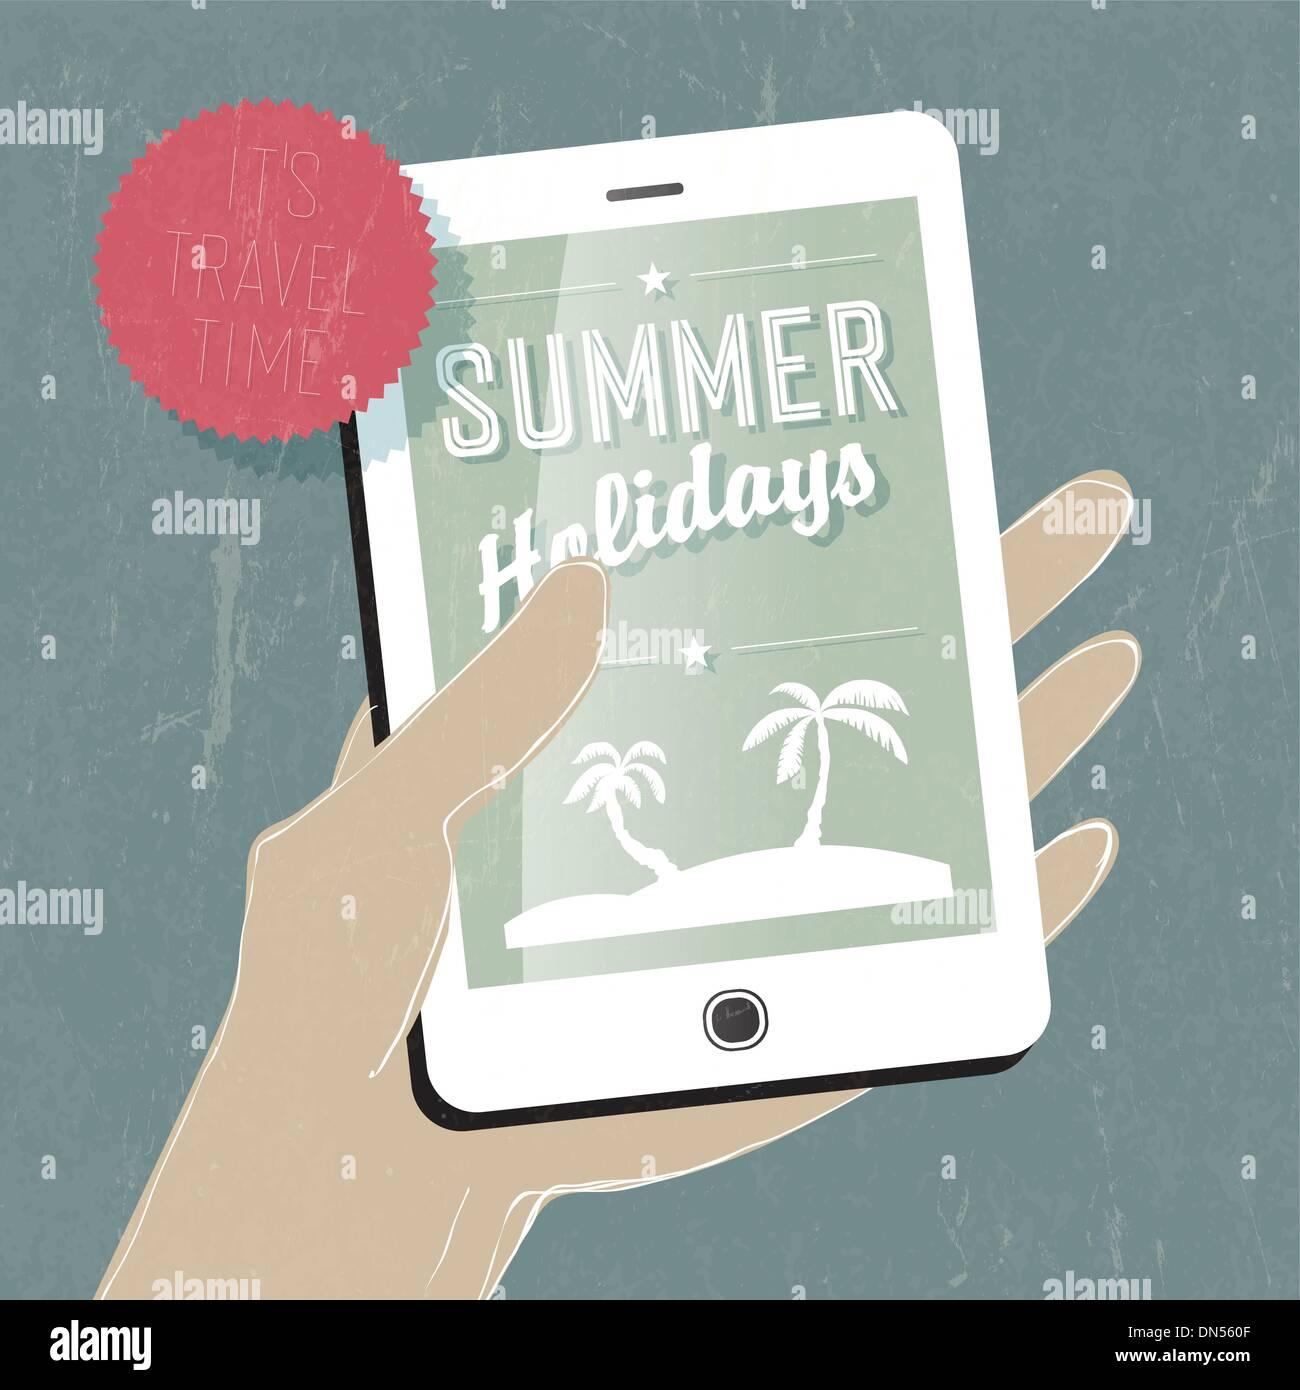 Viaggio estivo illustrazione concettuale. Smart phone in mano. Vect Immagini Stock